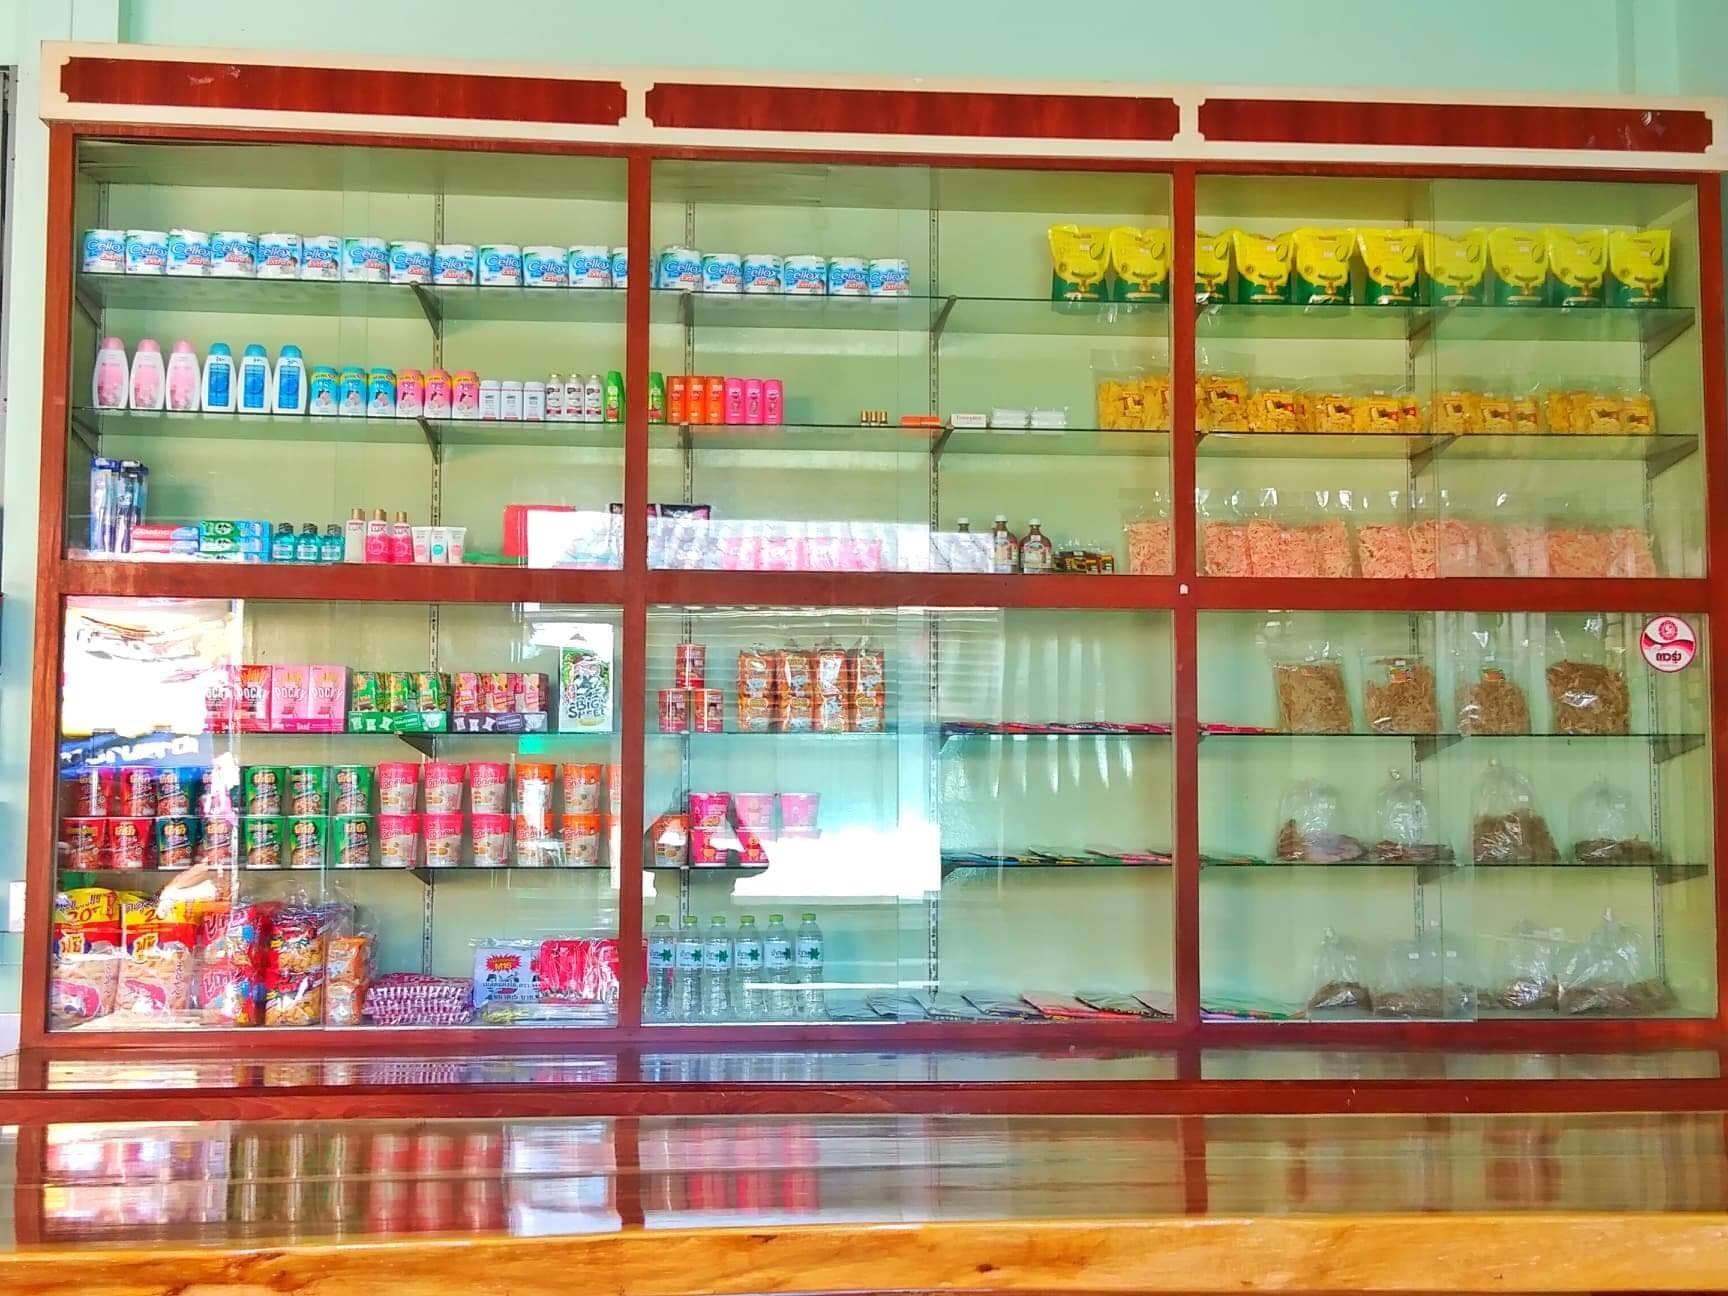 ร้านของฝากสินค้าจากชุมชน